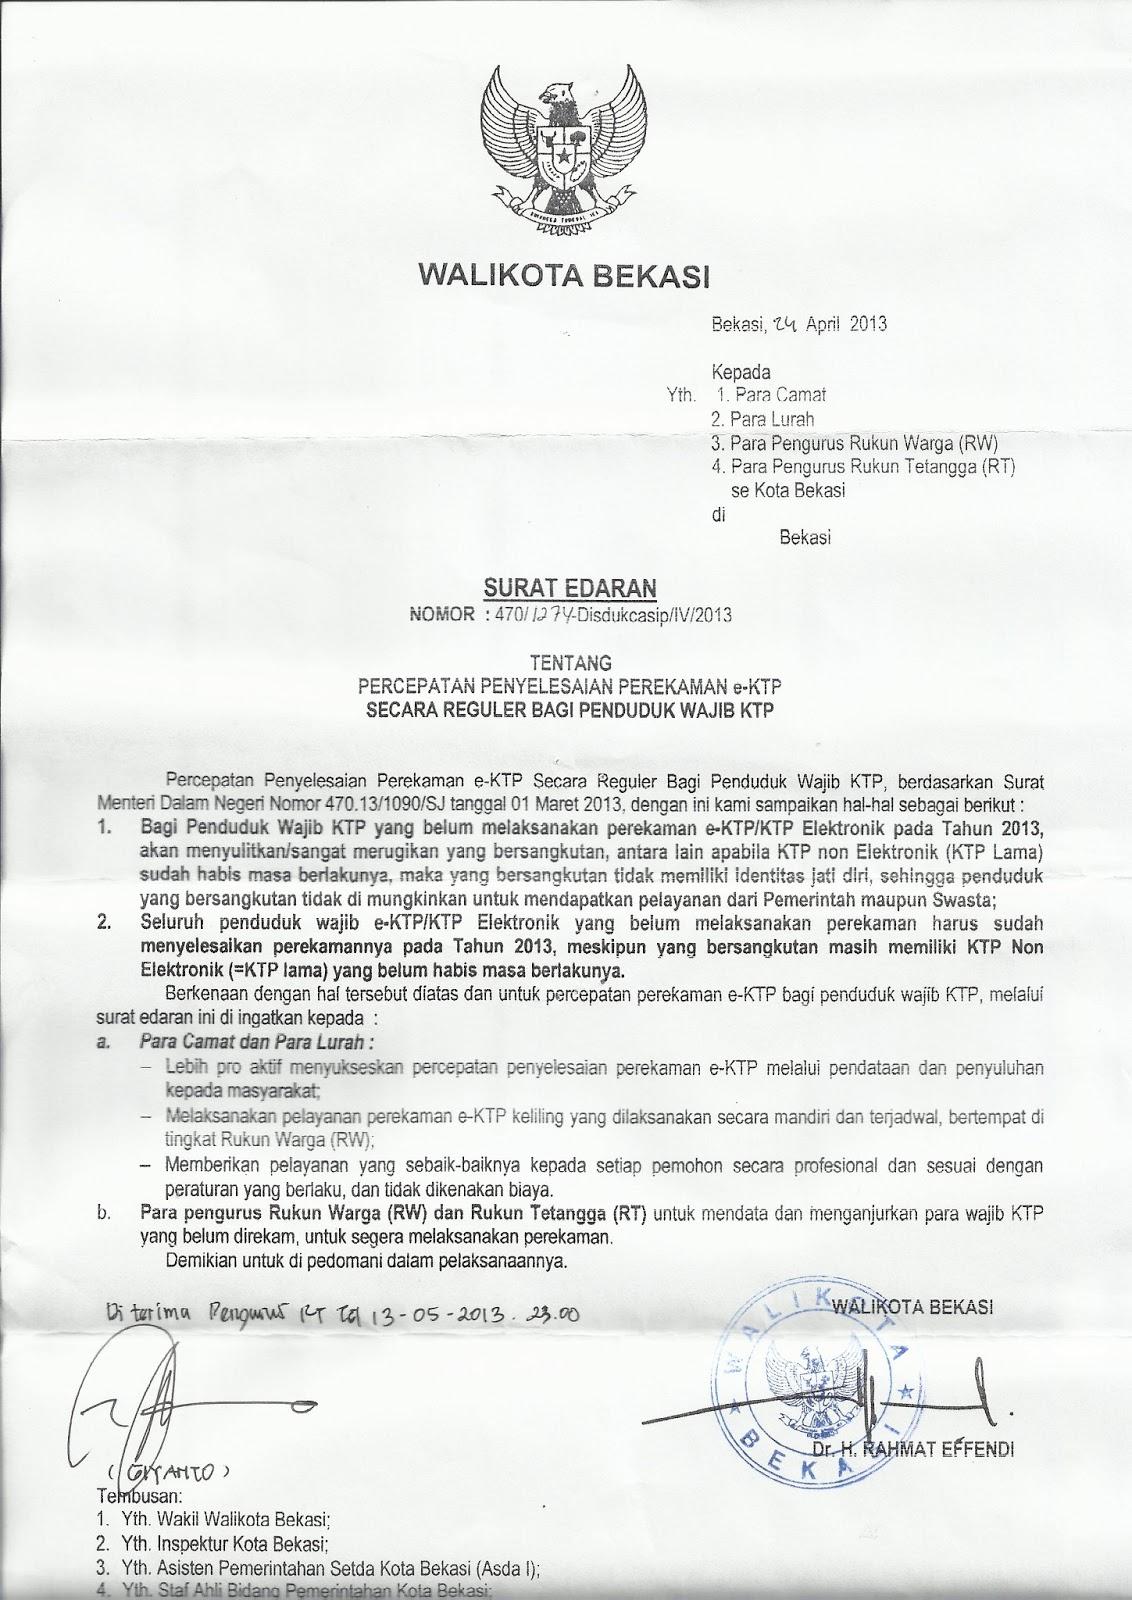 Contoh Surat Edaran Pemilihan Ketua Rt Surat F